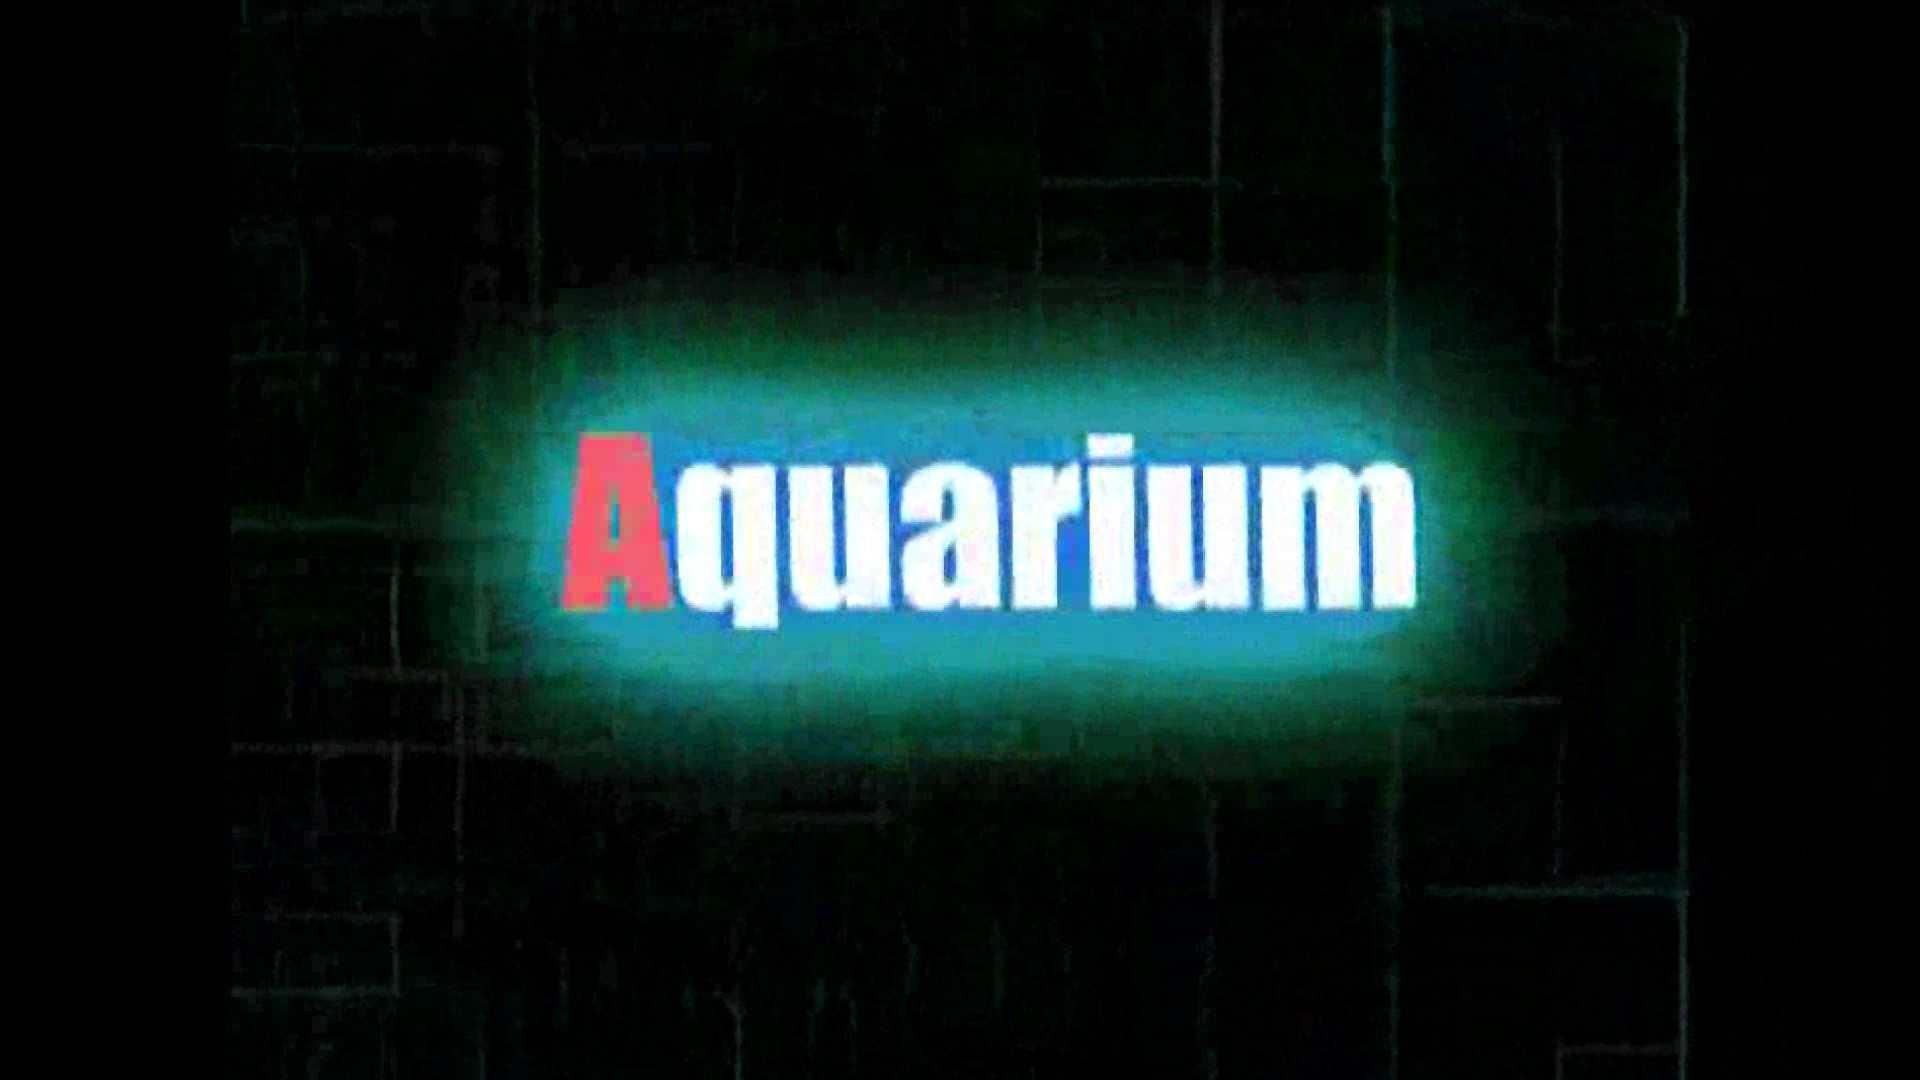 Aquaな露天風呂Vol.878潜入盗撮露天風呂十四判湯 其の五 潜入 オメコ動画キャプチャ 78連発 3